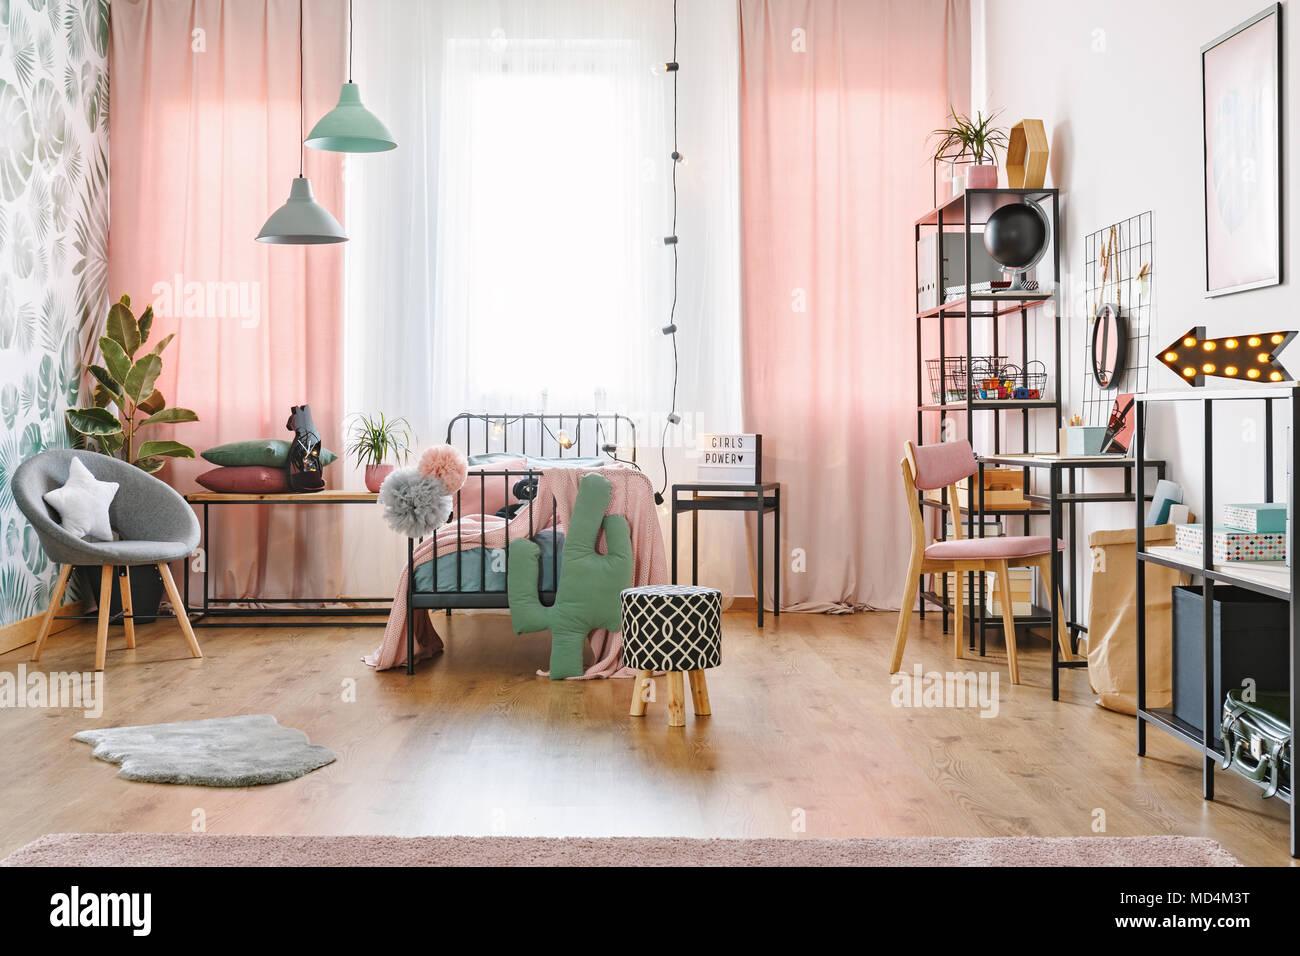 Stanza Da Letto Ragazza : Metallo nero letto con due pompon in piedi in accogliente camera